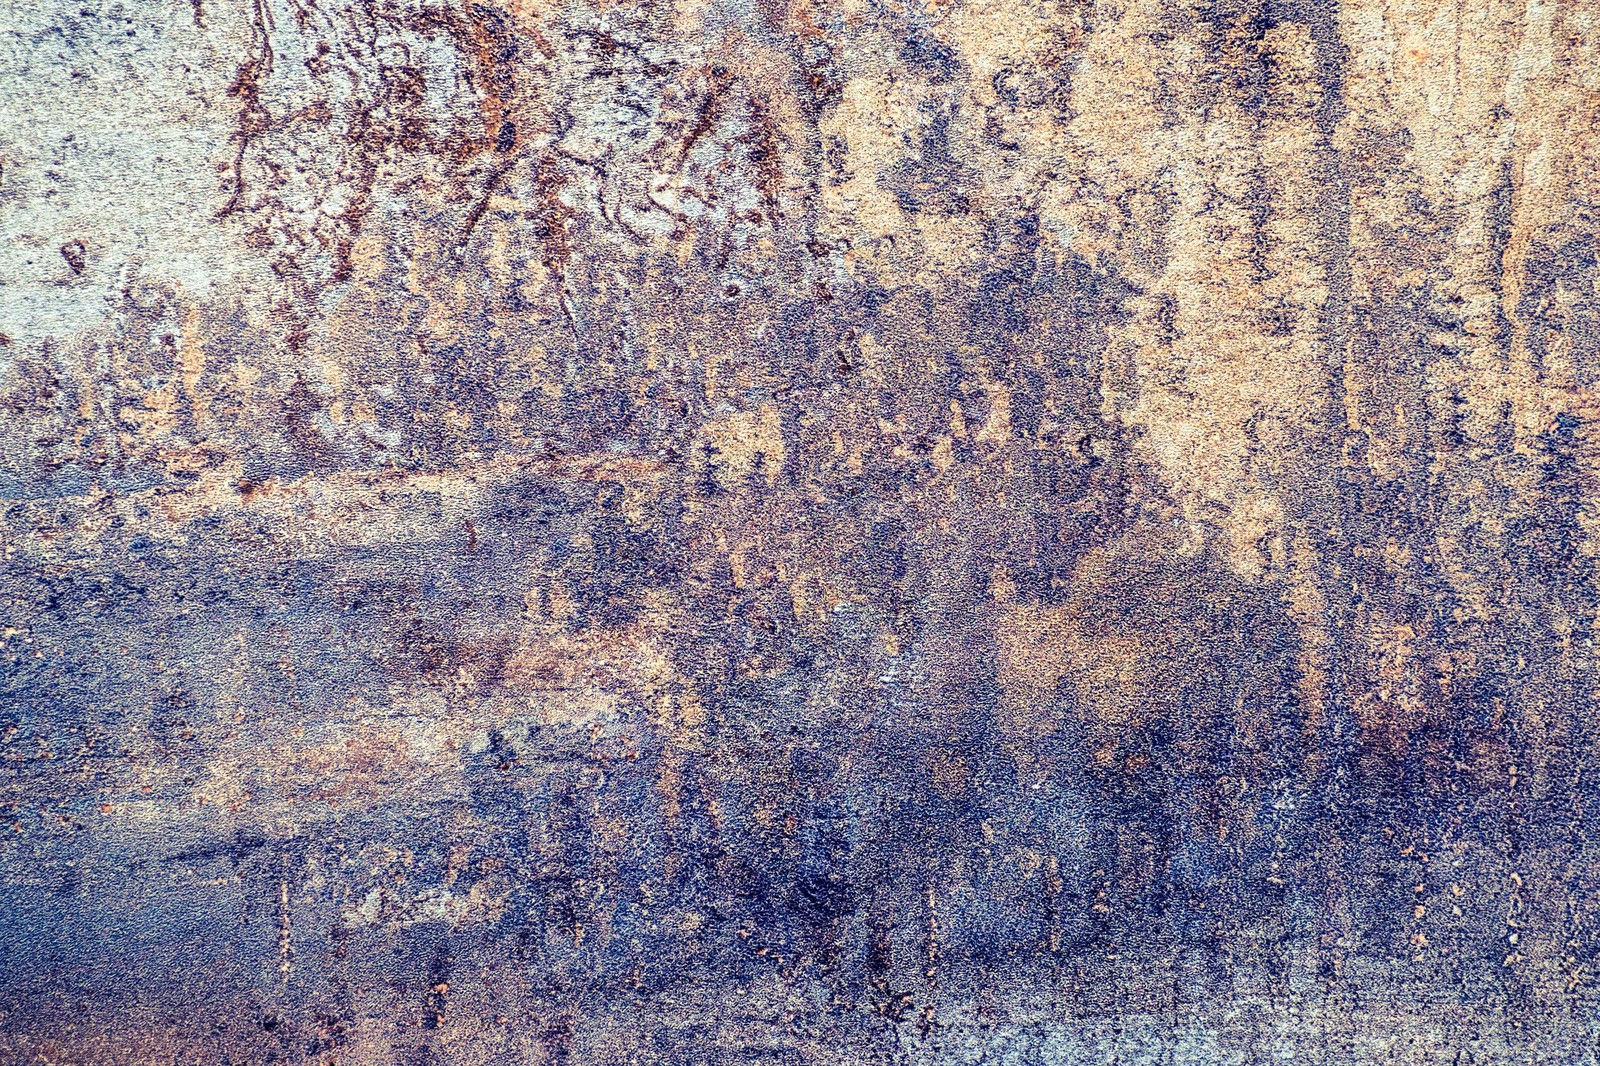 「廃れた壁のテクスチャー廃れた壁のテクスチャー」のフリー写真素材を拡大